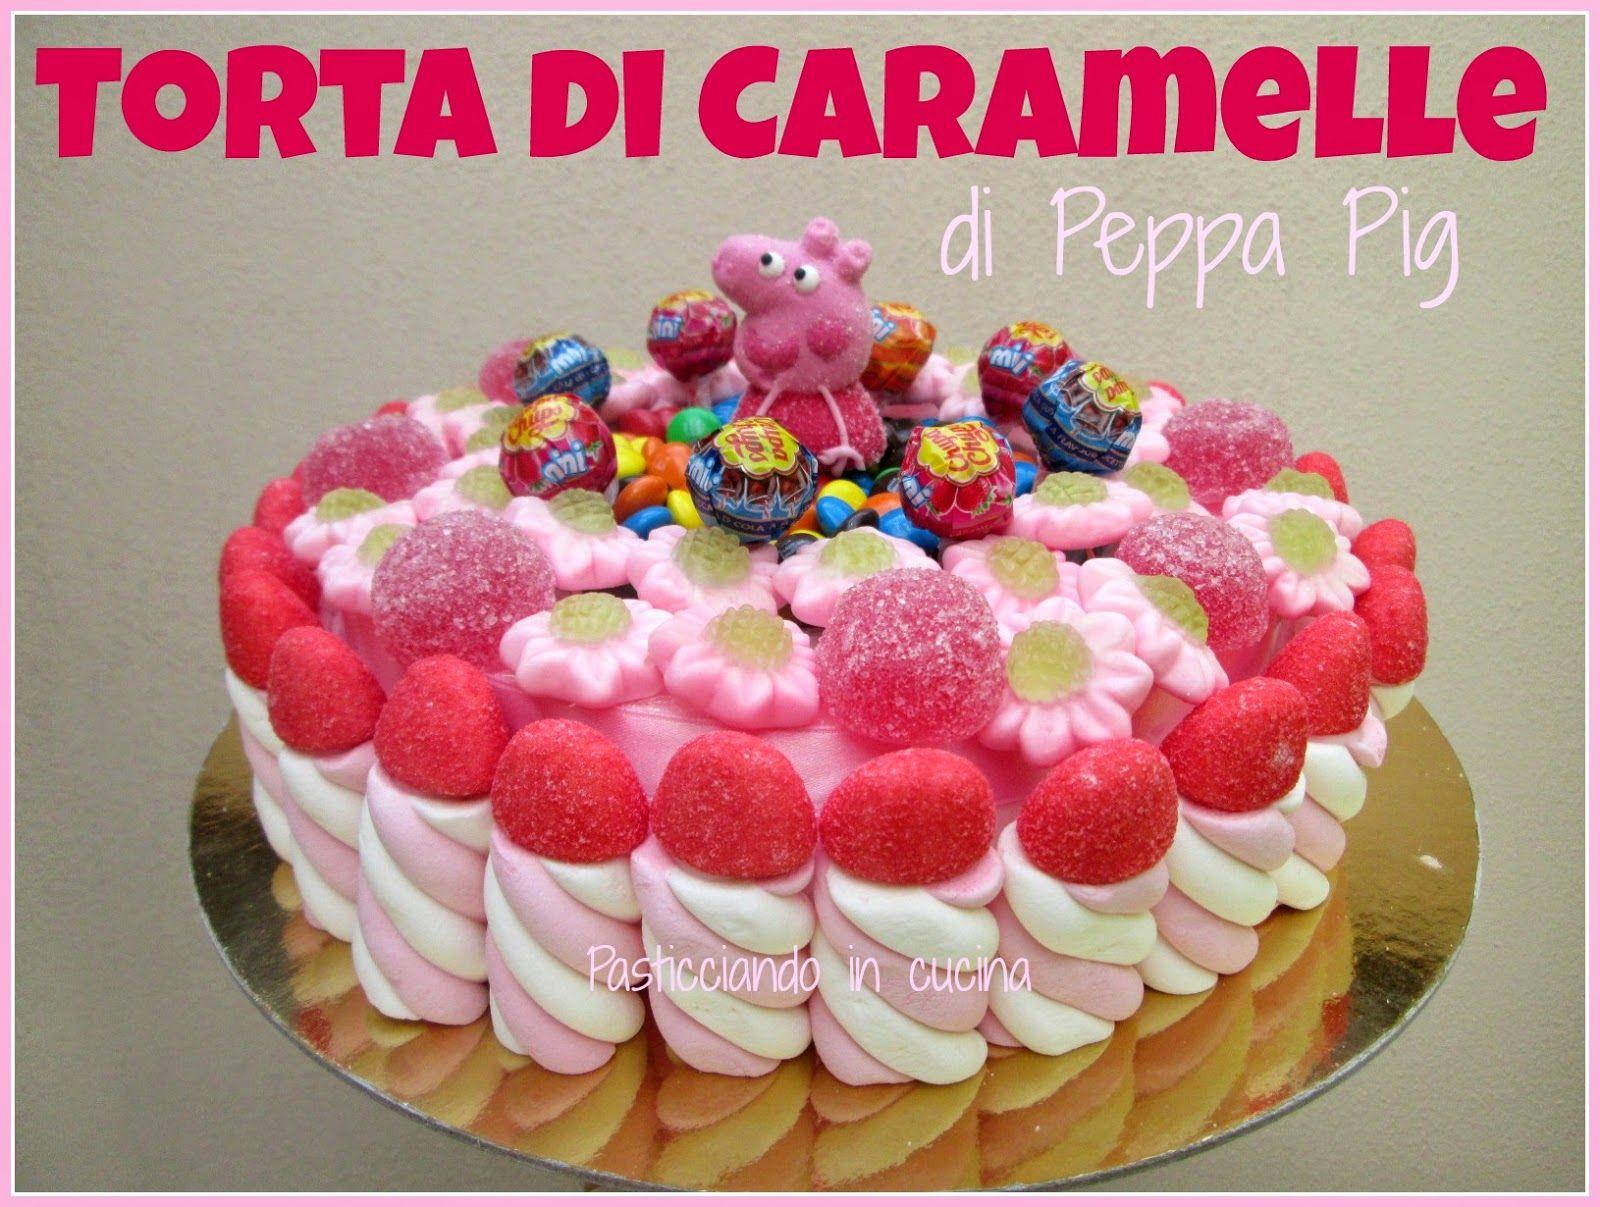 Pasticciando In Cucina Torta Di Caramelle Di Peppa Pig Torta Di